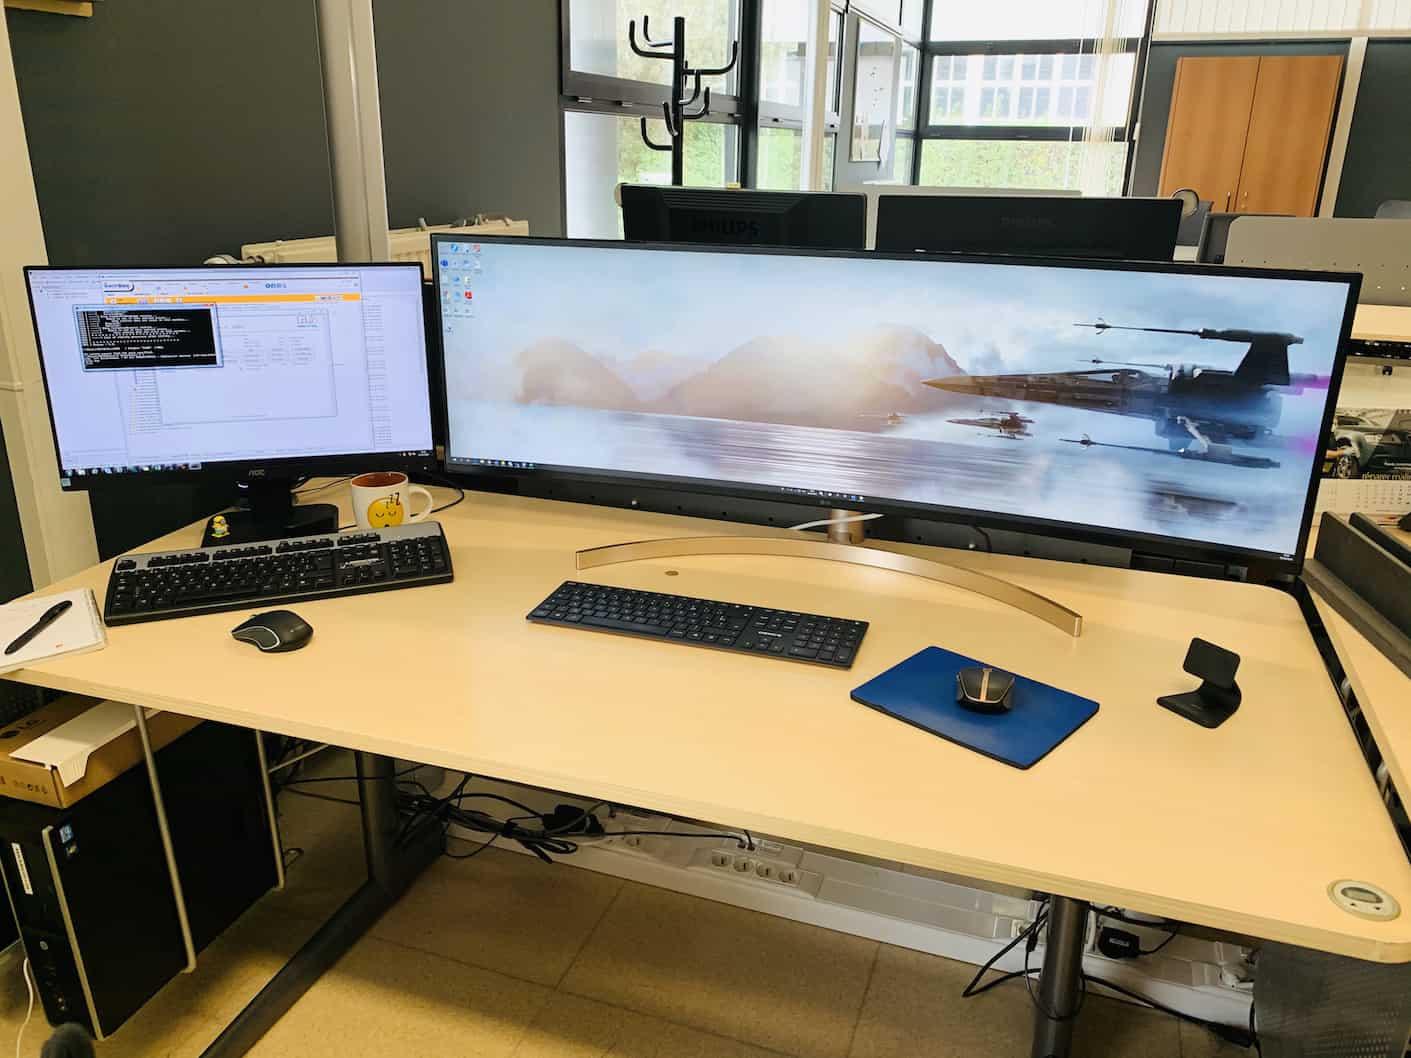 Dans mon cas impossible de mettre le LG49WL95C ailleurs que sur le bureau